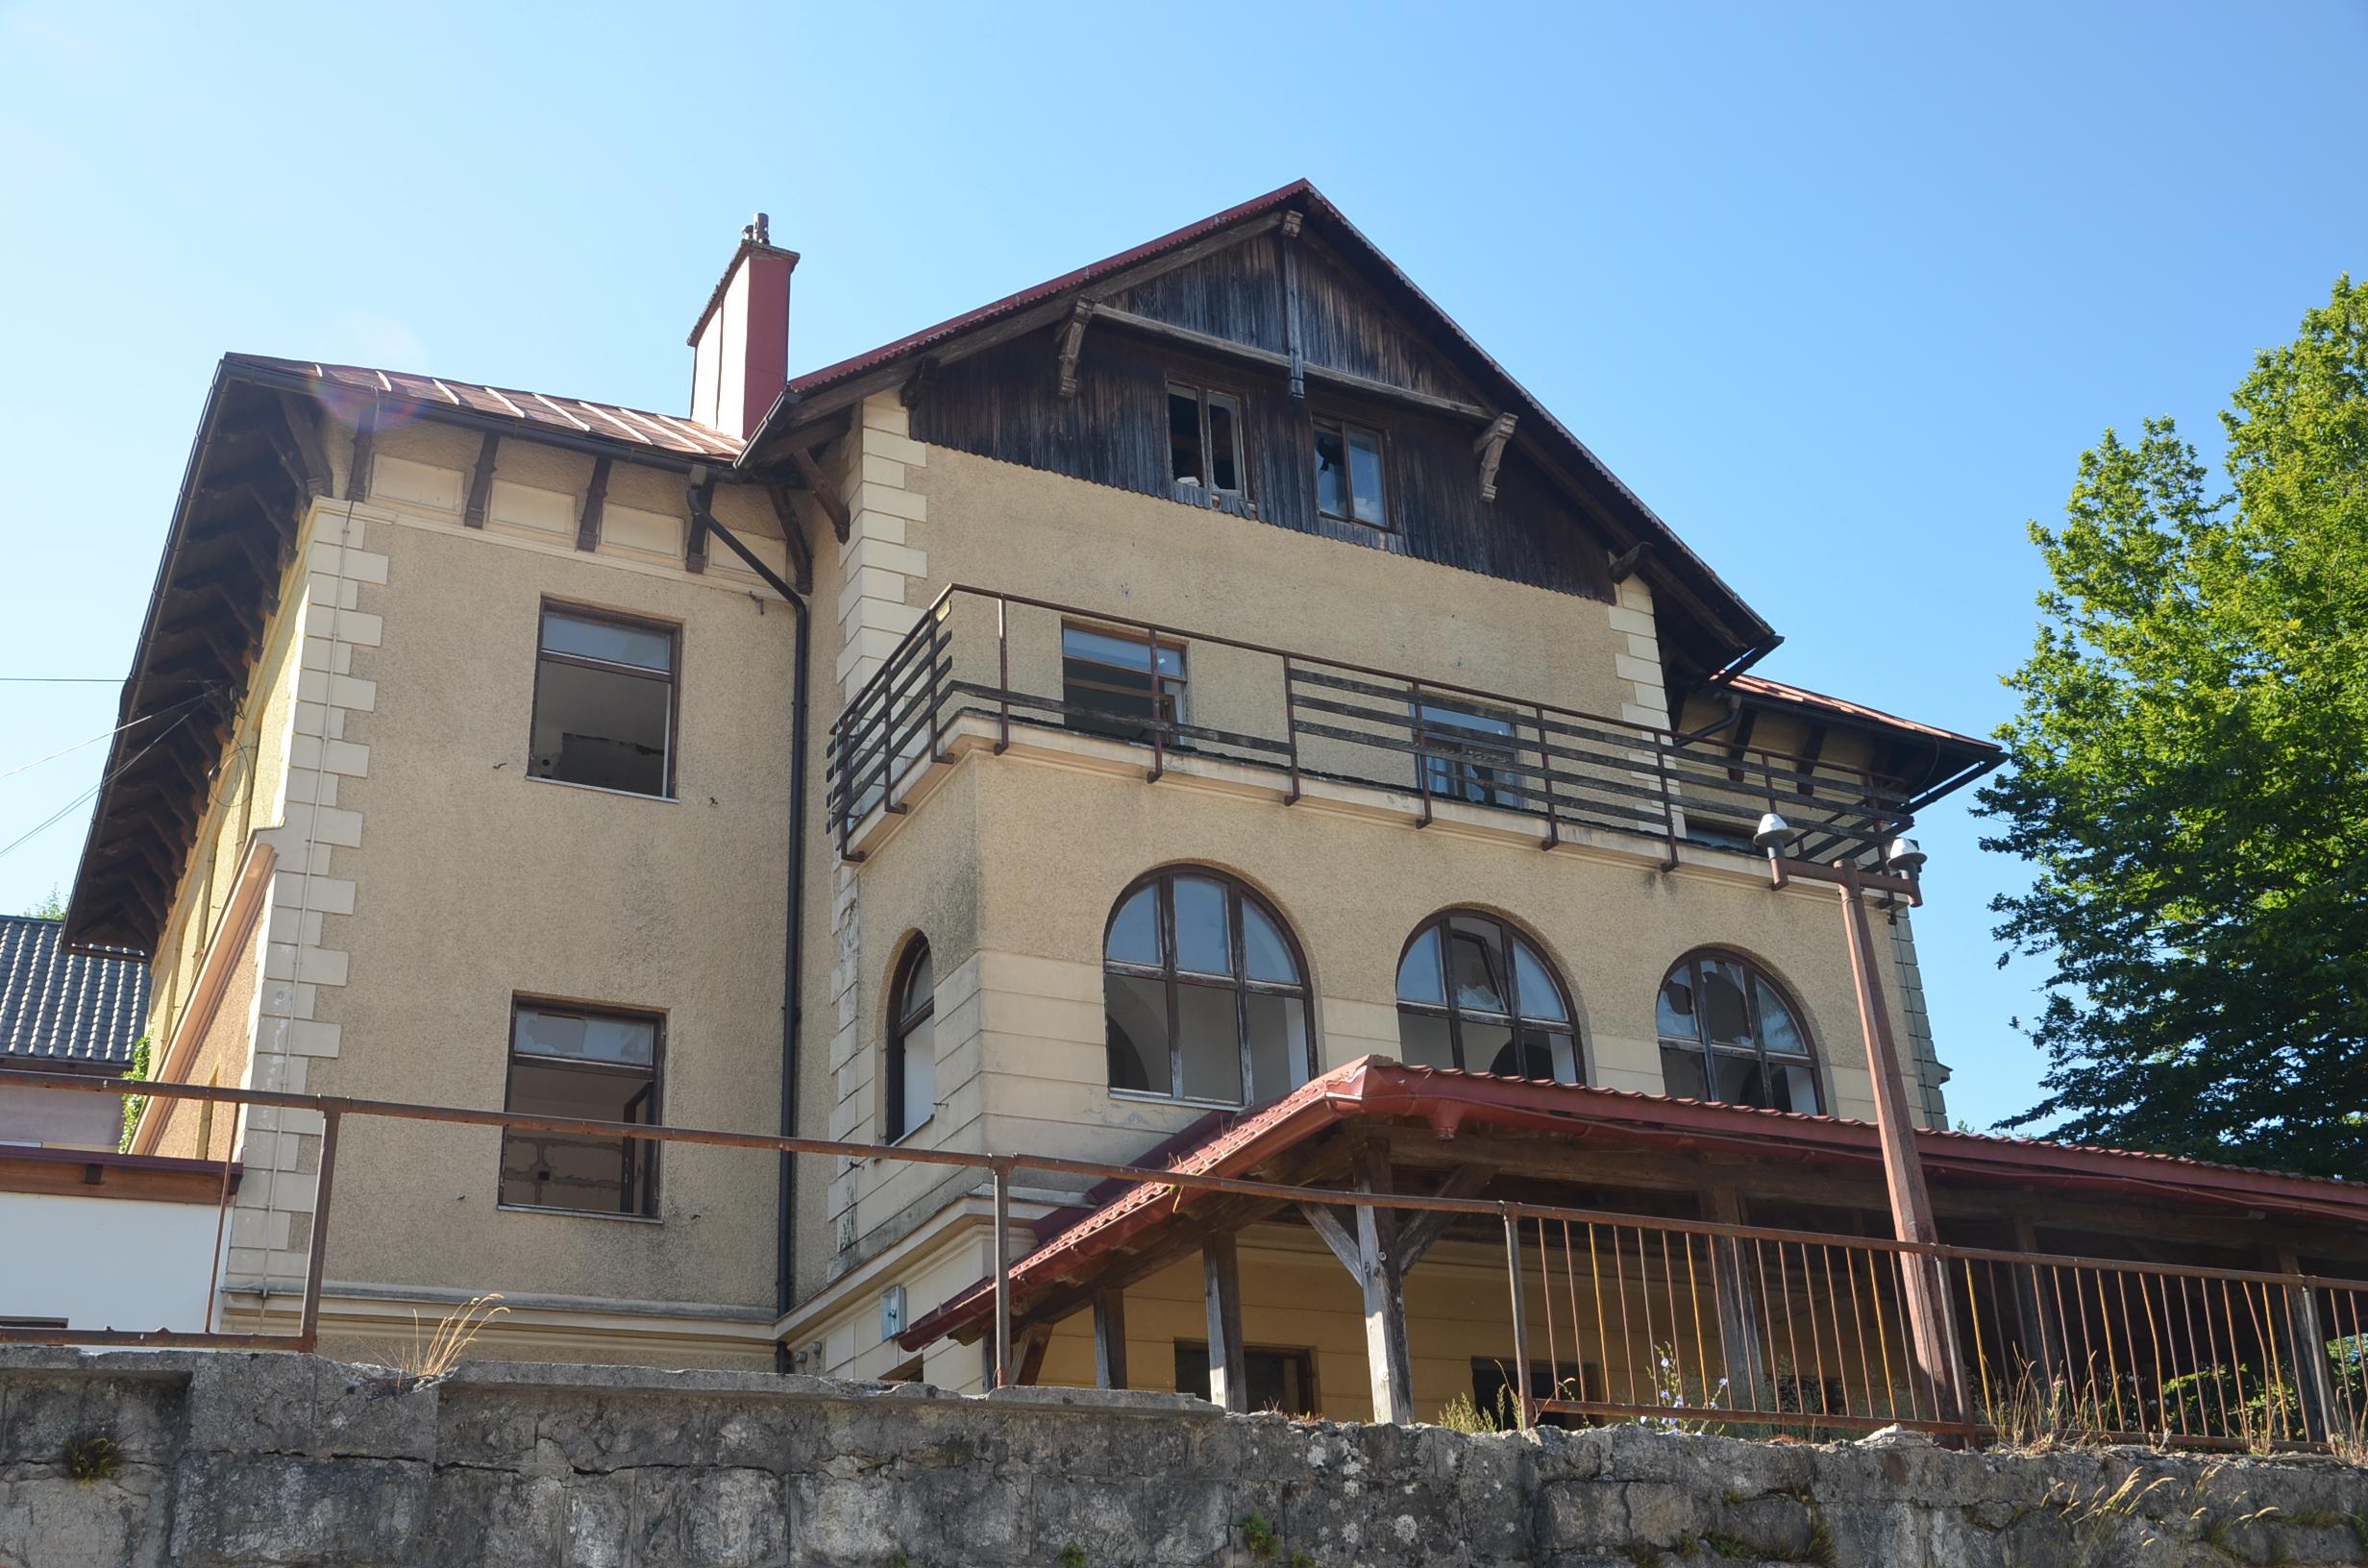 Skrađani našli modus da uz pomoć EU-a revitaliziraju prvi goranski hotel / Foto M. KRMPOTIĆ